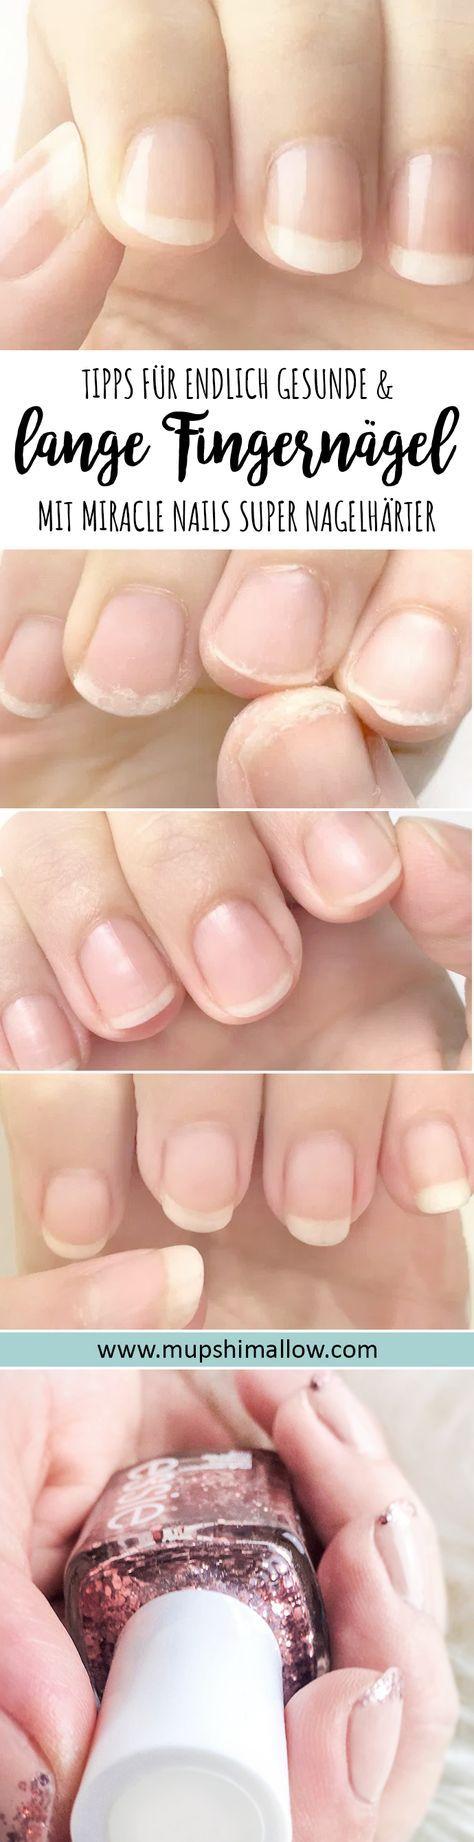 Ganz lange plagen mich schon brüchige und ungesunde Fingernägel die ganz schnell splittern, einreißen und einfach nicht lang wachsen. Kein Nagelhärter hat mir wirklich geholfen. Dank des Miracle Nails Super Nagelhärter habe ich nun endlich feste, lange und gesunde Fingernägel bekommen. Klickt hier für meine Produkt Review und probiert es selber aus!